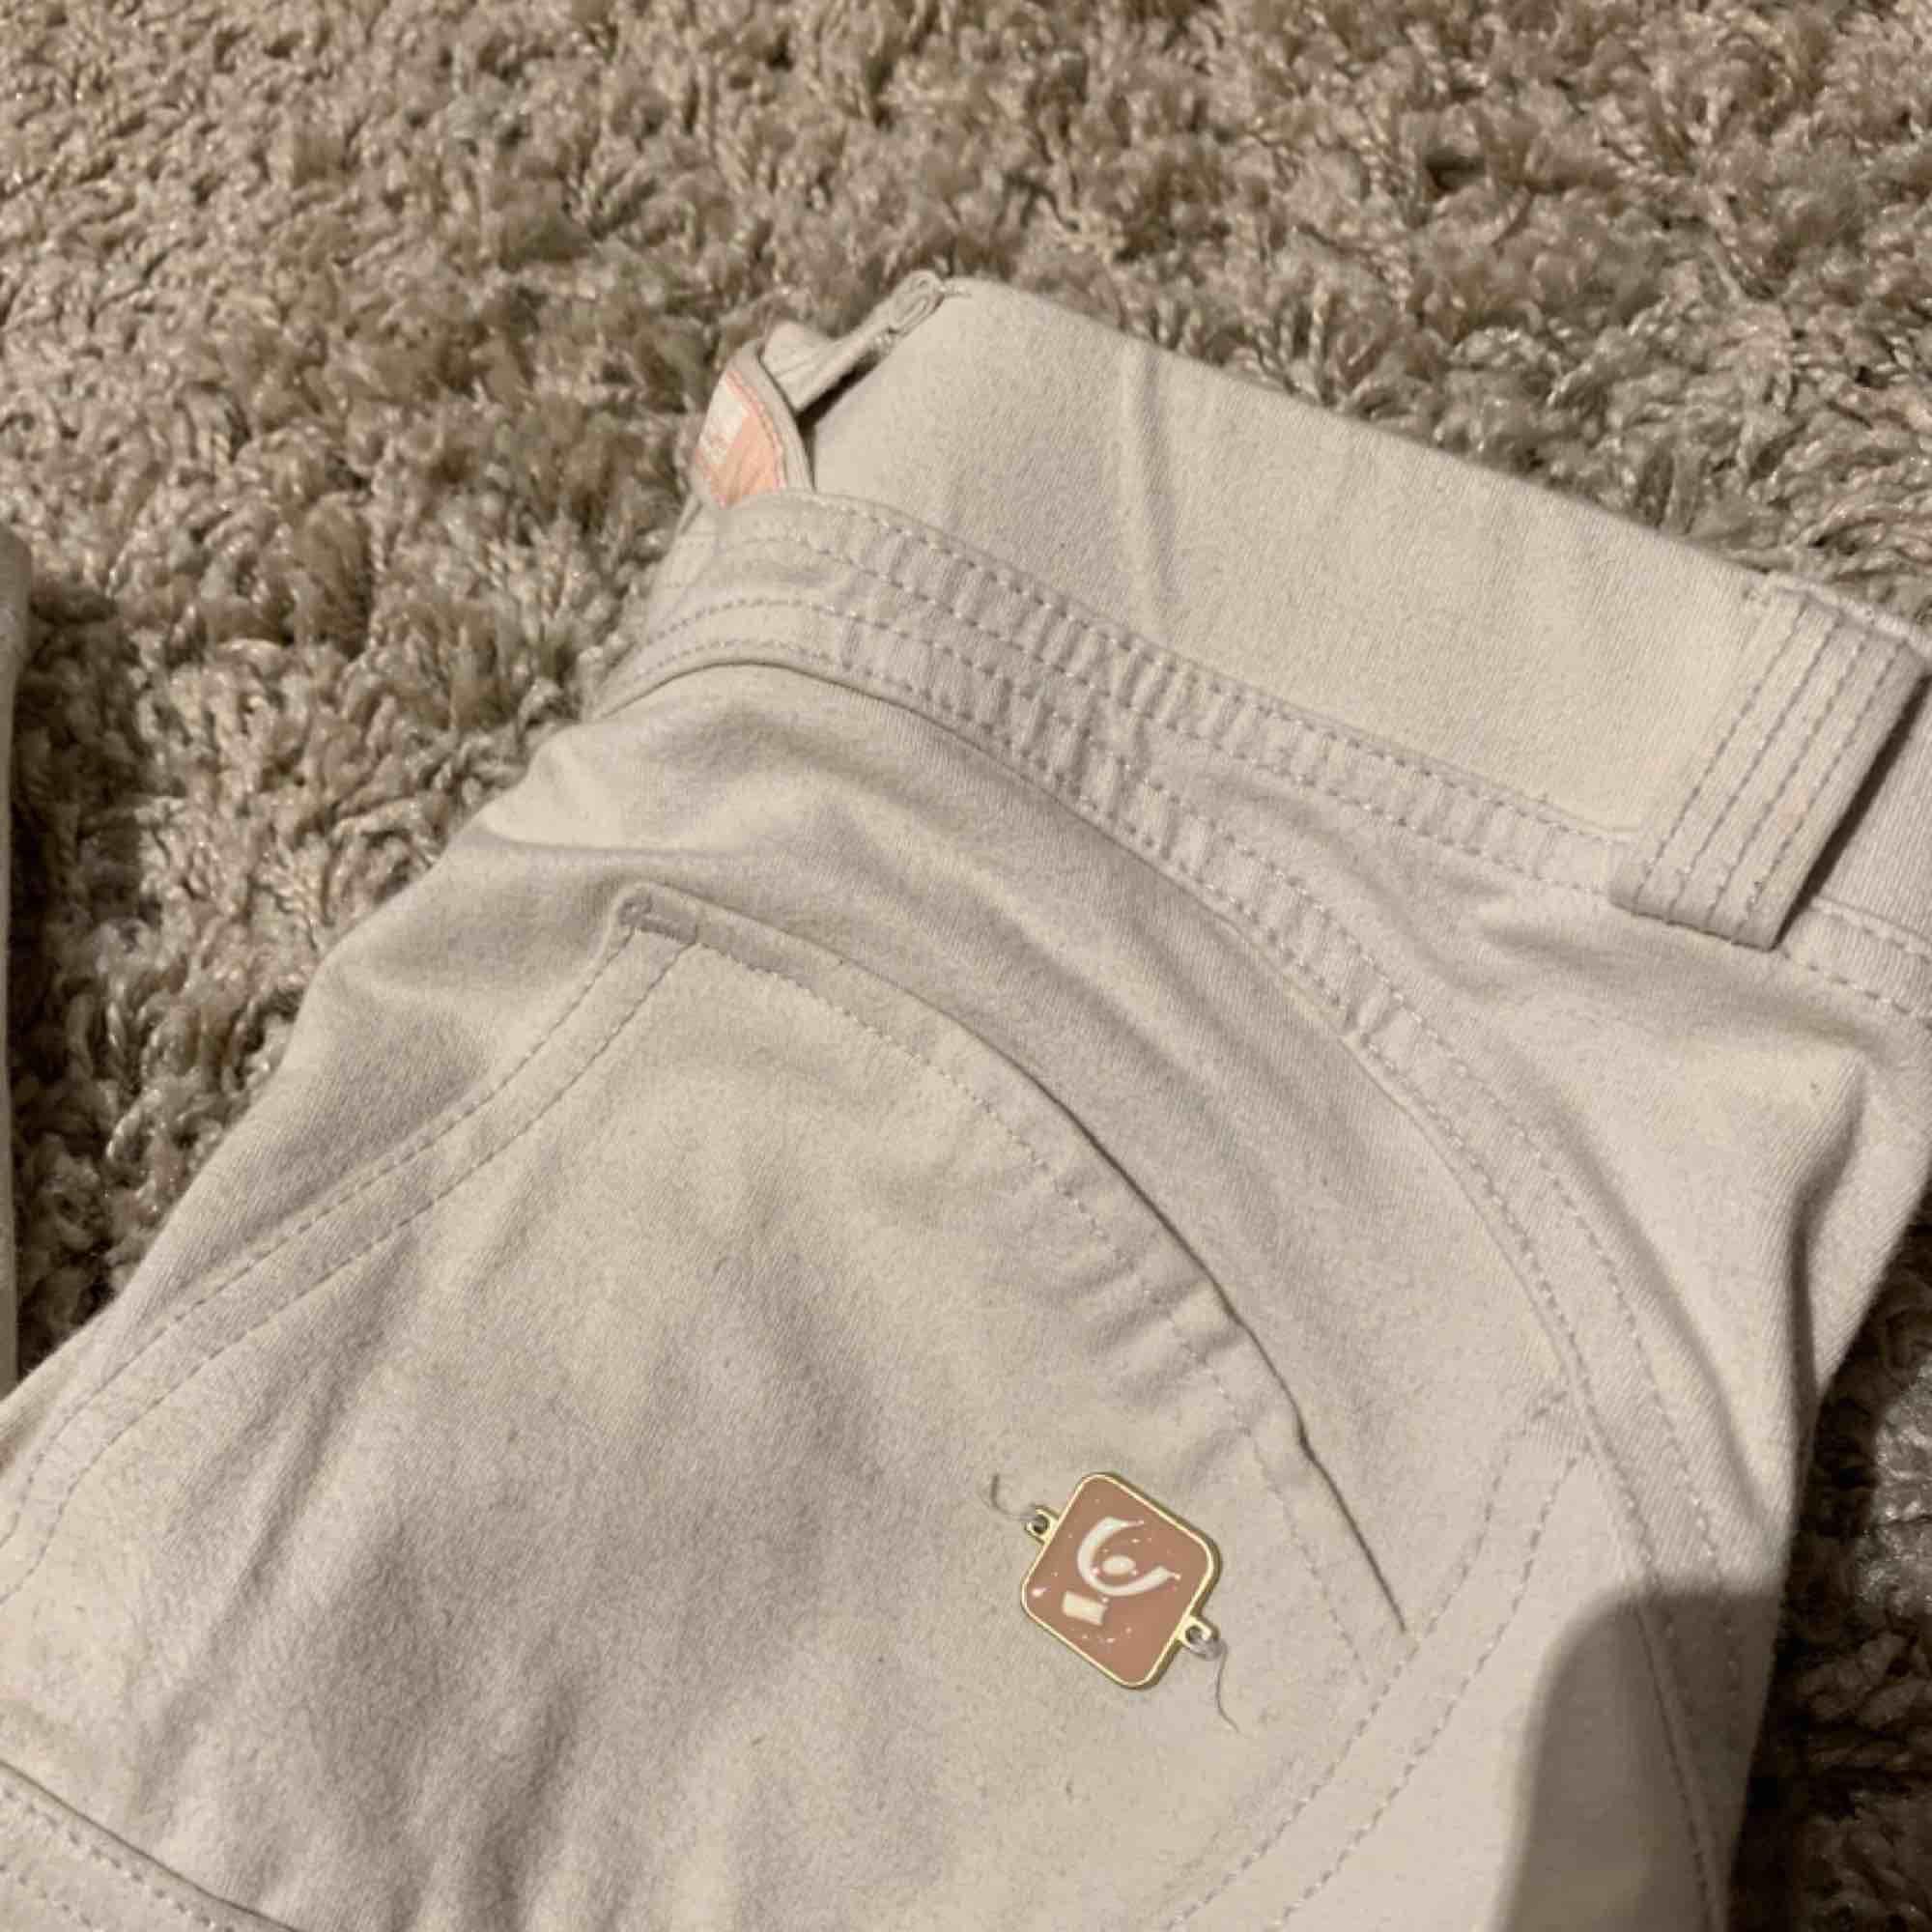 Suuupersköna ljusbeiga Freddy Wrup byxor som är använda ca 2 gånger, dem är hela och i väldigt bra skick! Köparen står för frakt! Nypriset var 900 kr. Jeans & Byxor.